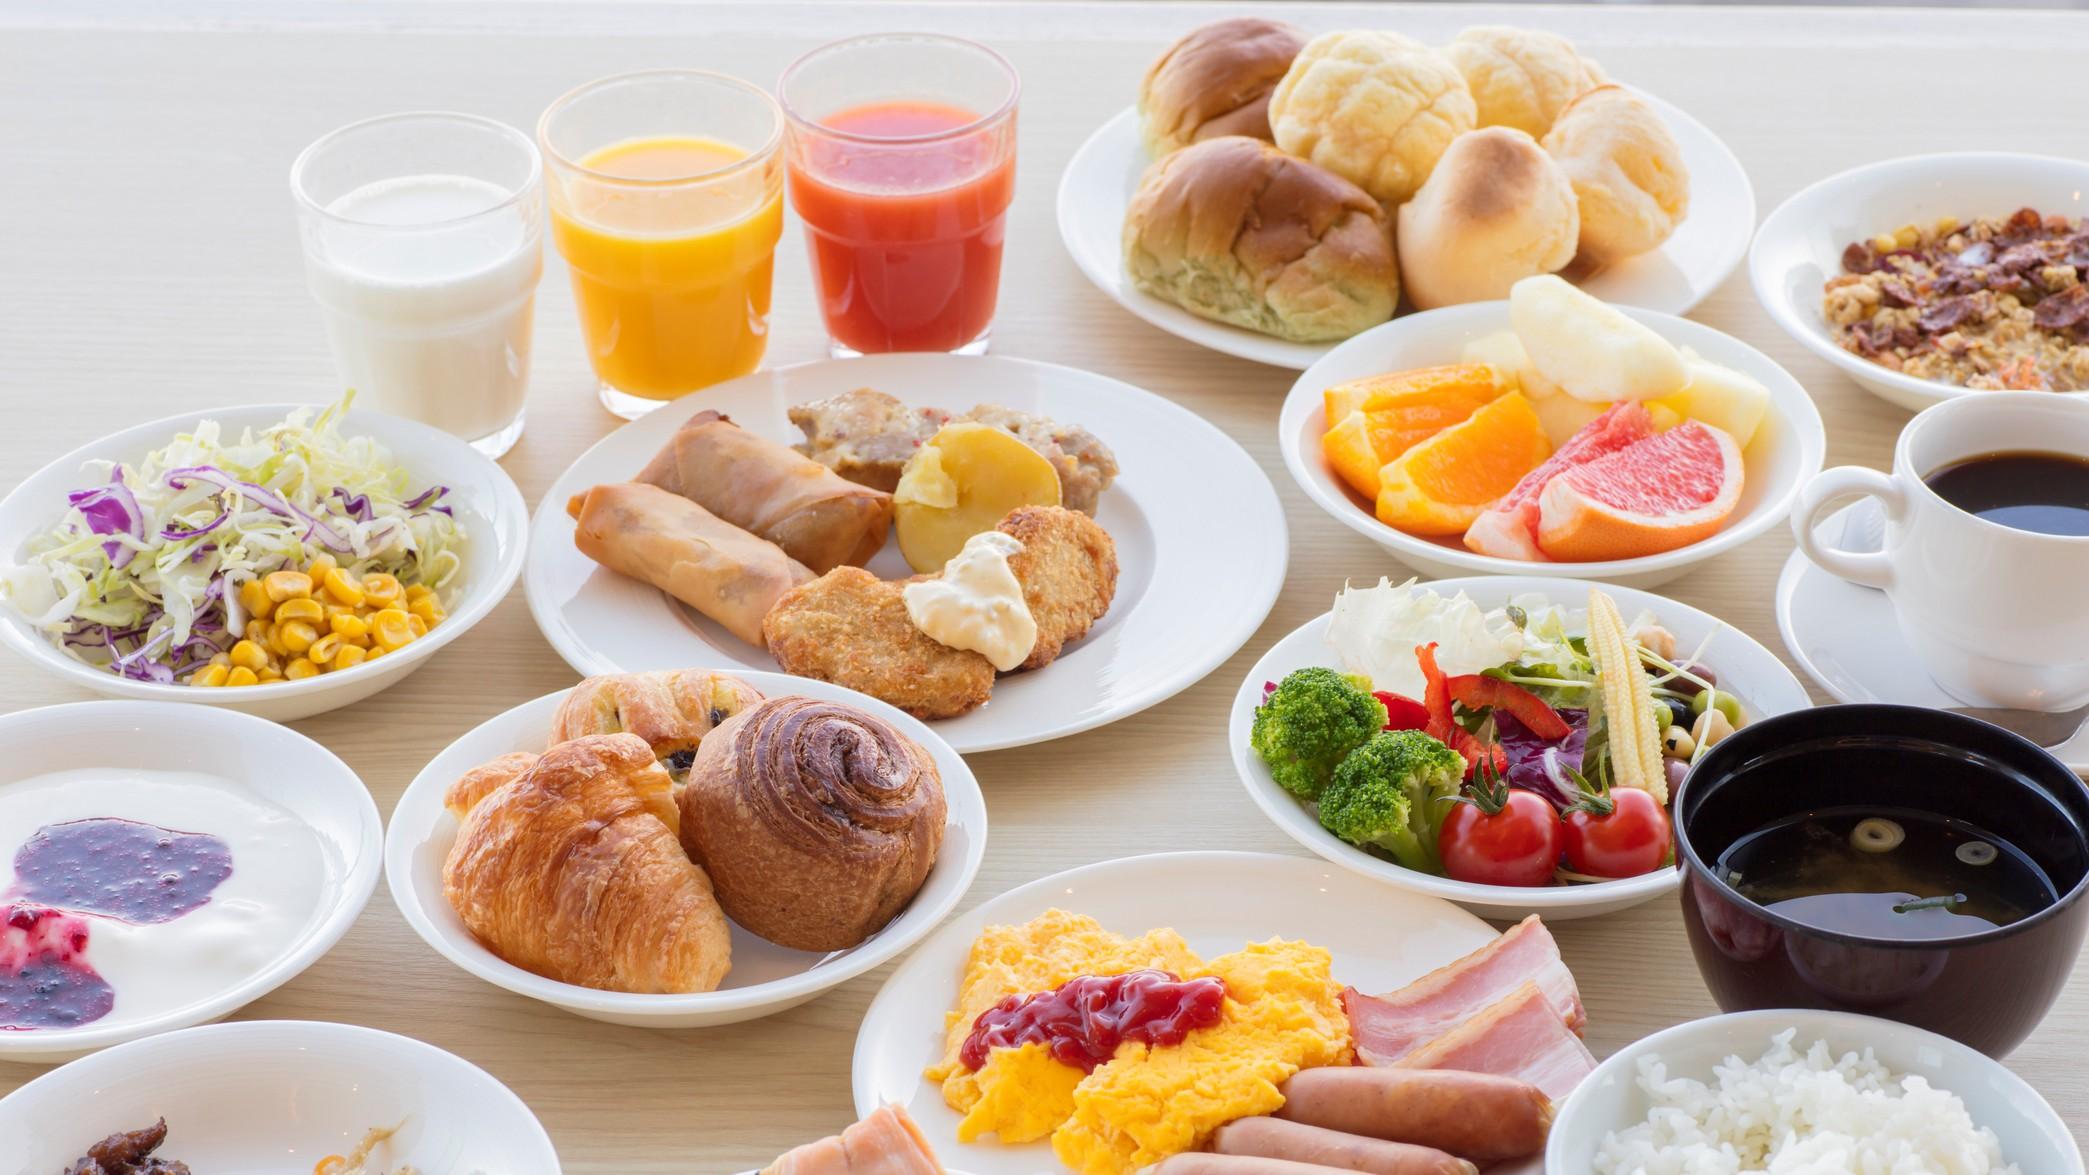 【朝食マルスコイバイキング】料理イメージ